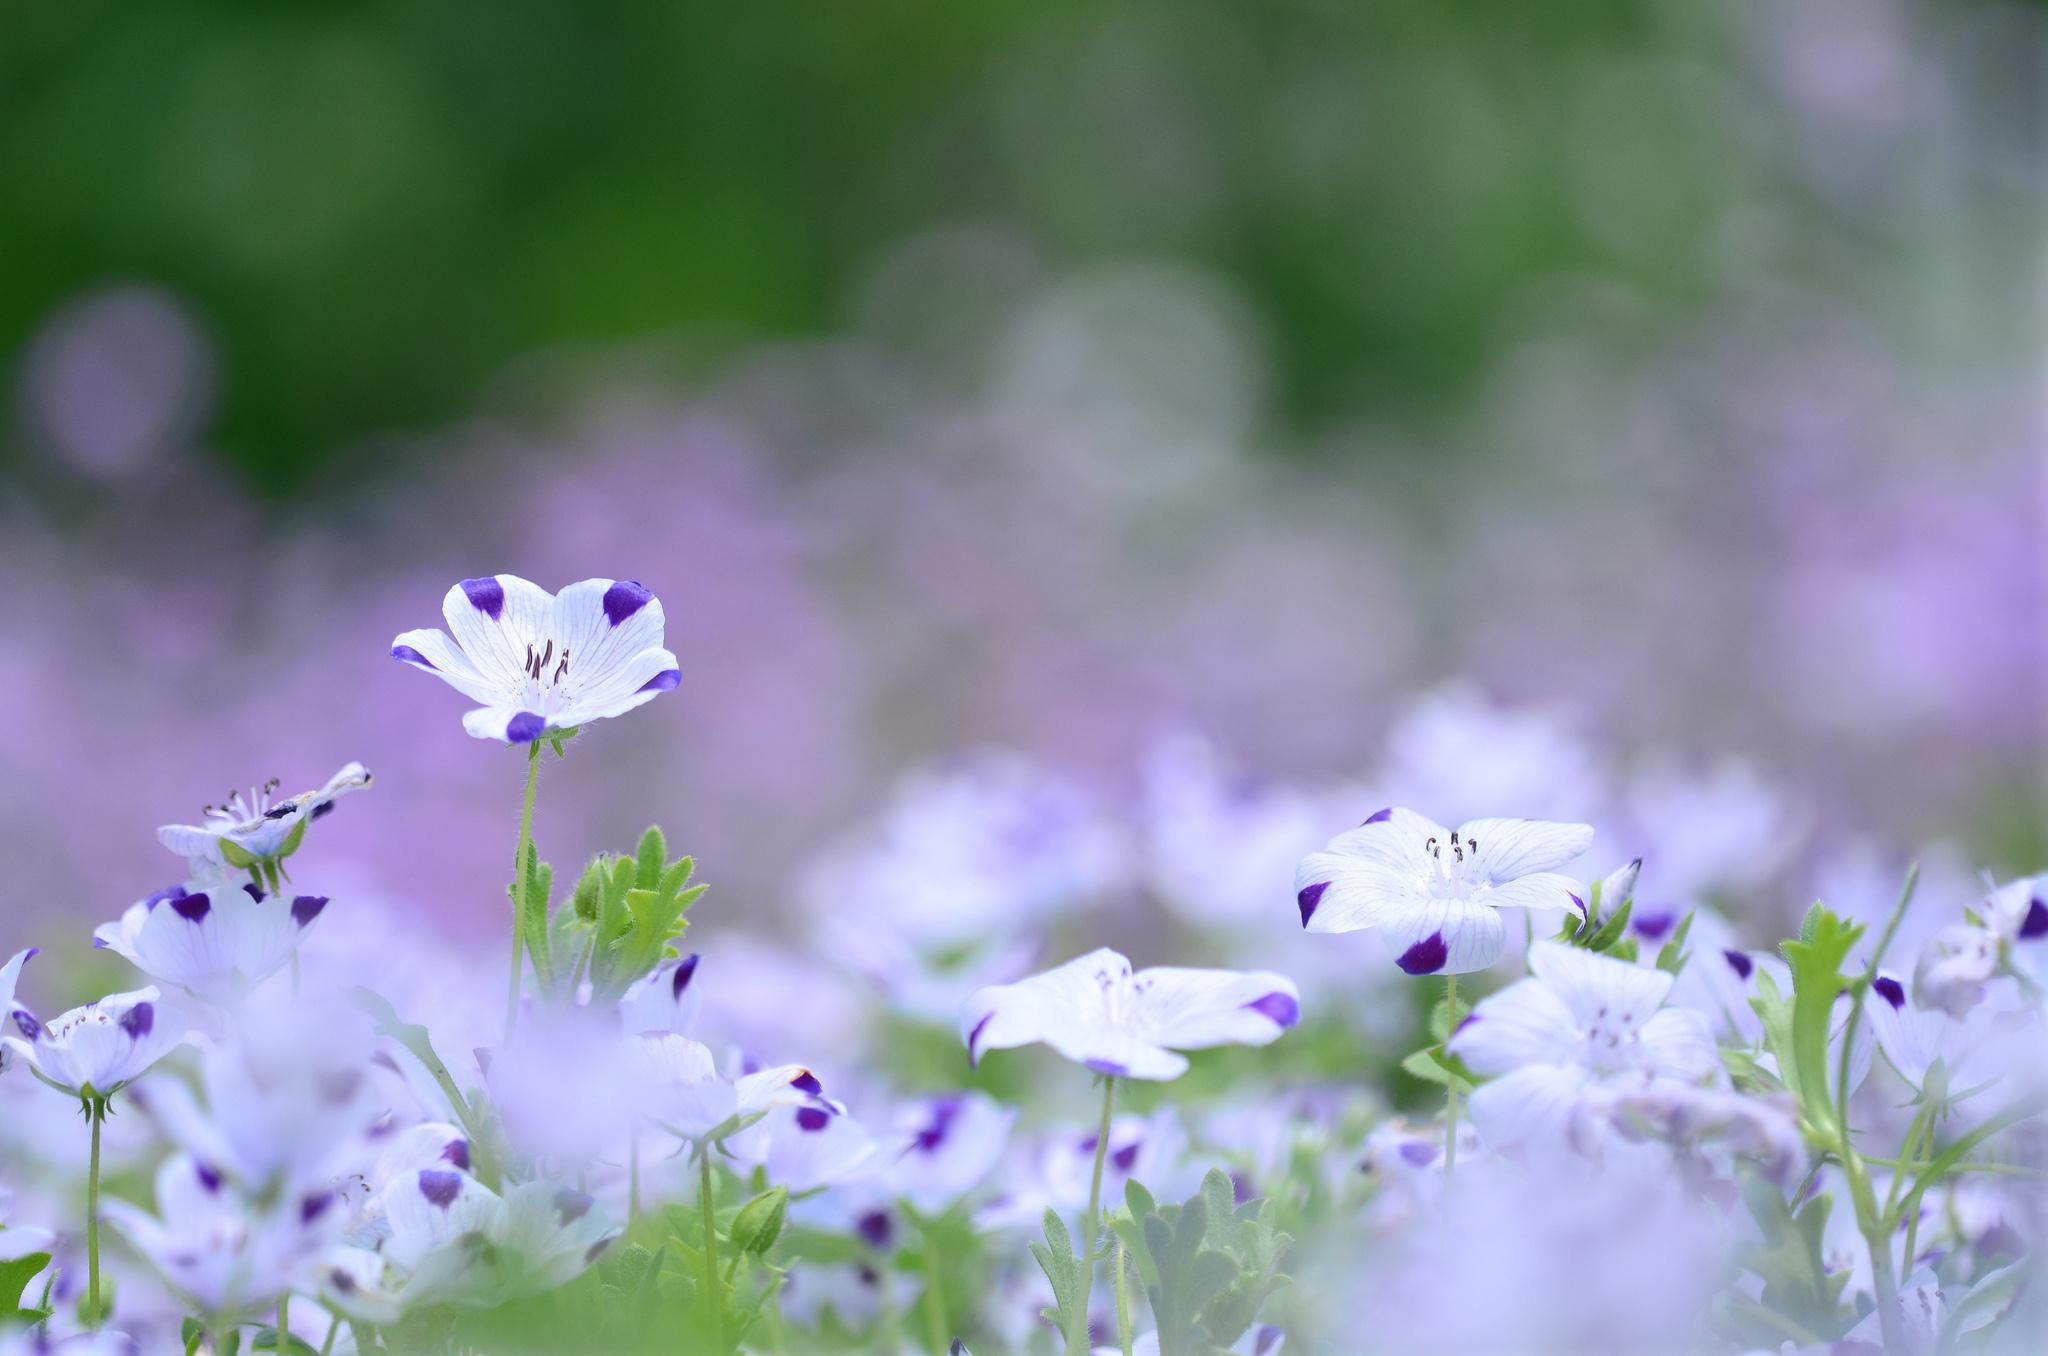 Nature Flower Garden White Green Hd Wallpaper Wallpaper 2048x1356